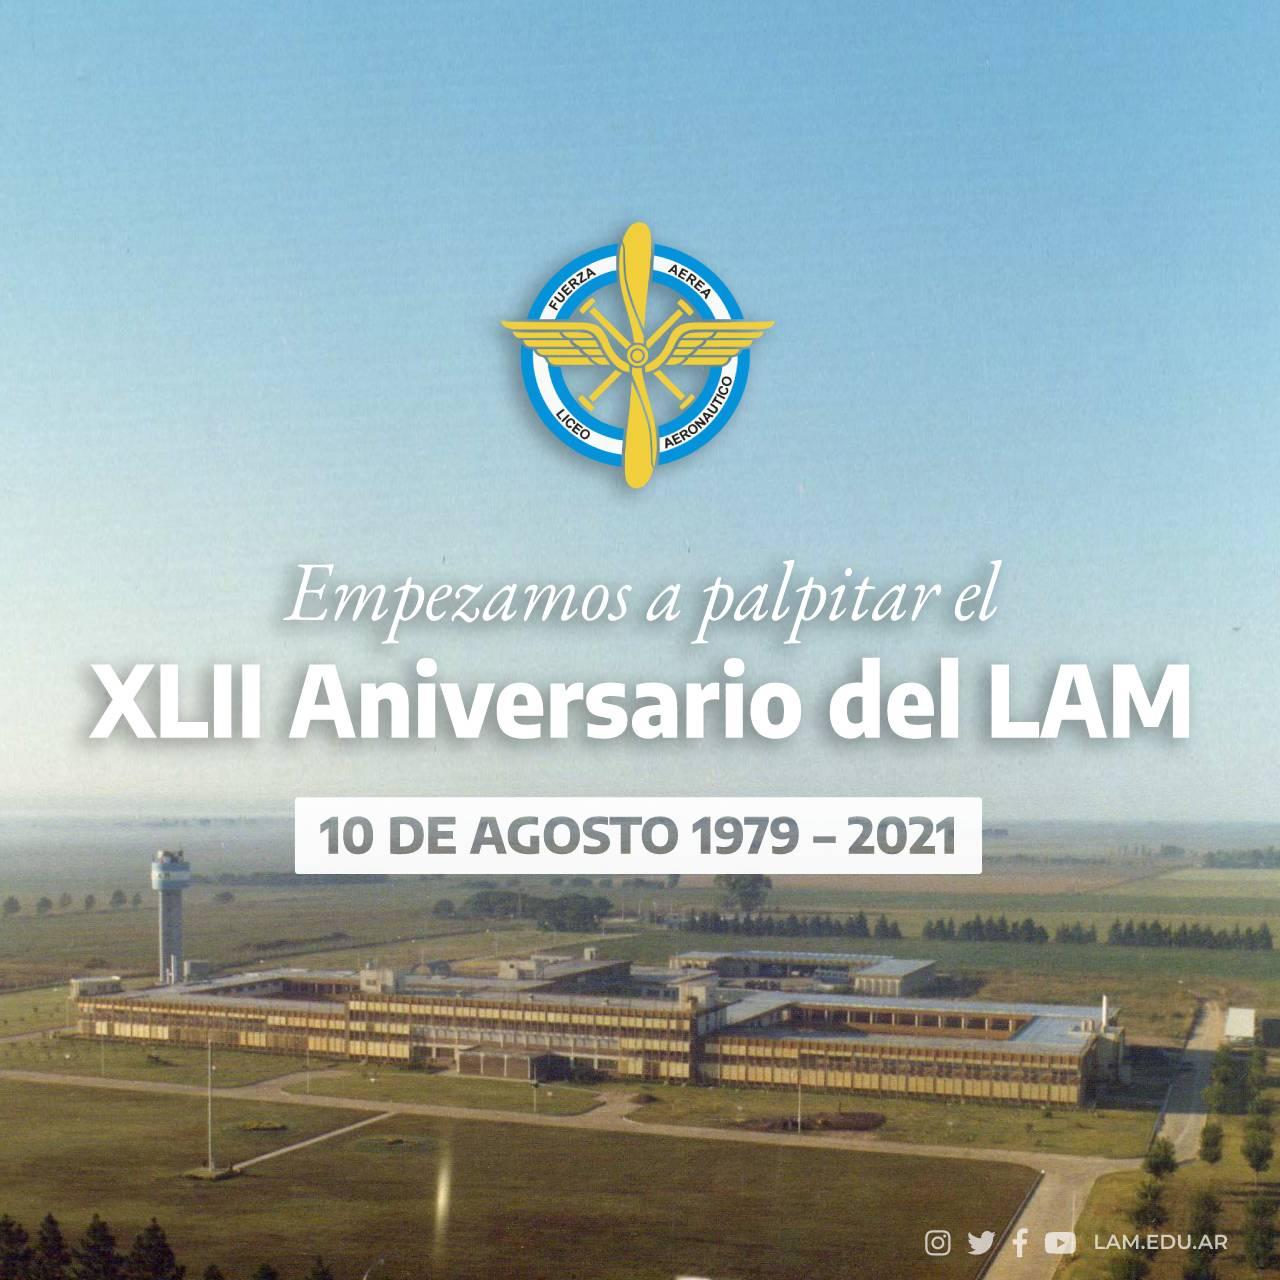 Empezamos a palpitar el XLII Aniversario del LAM